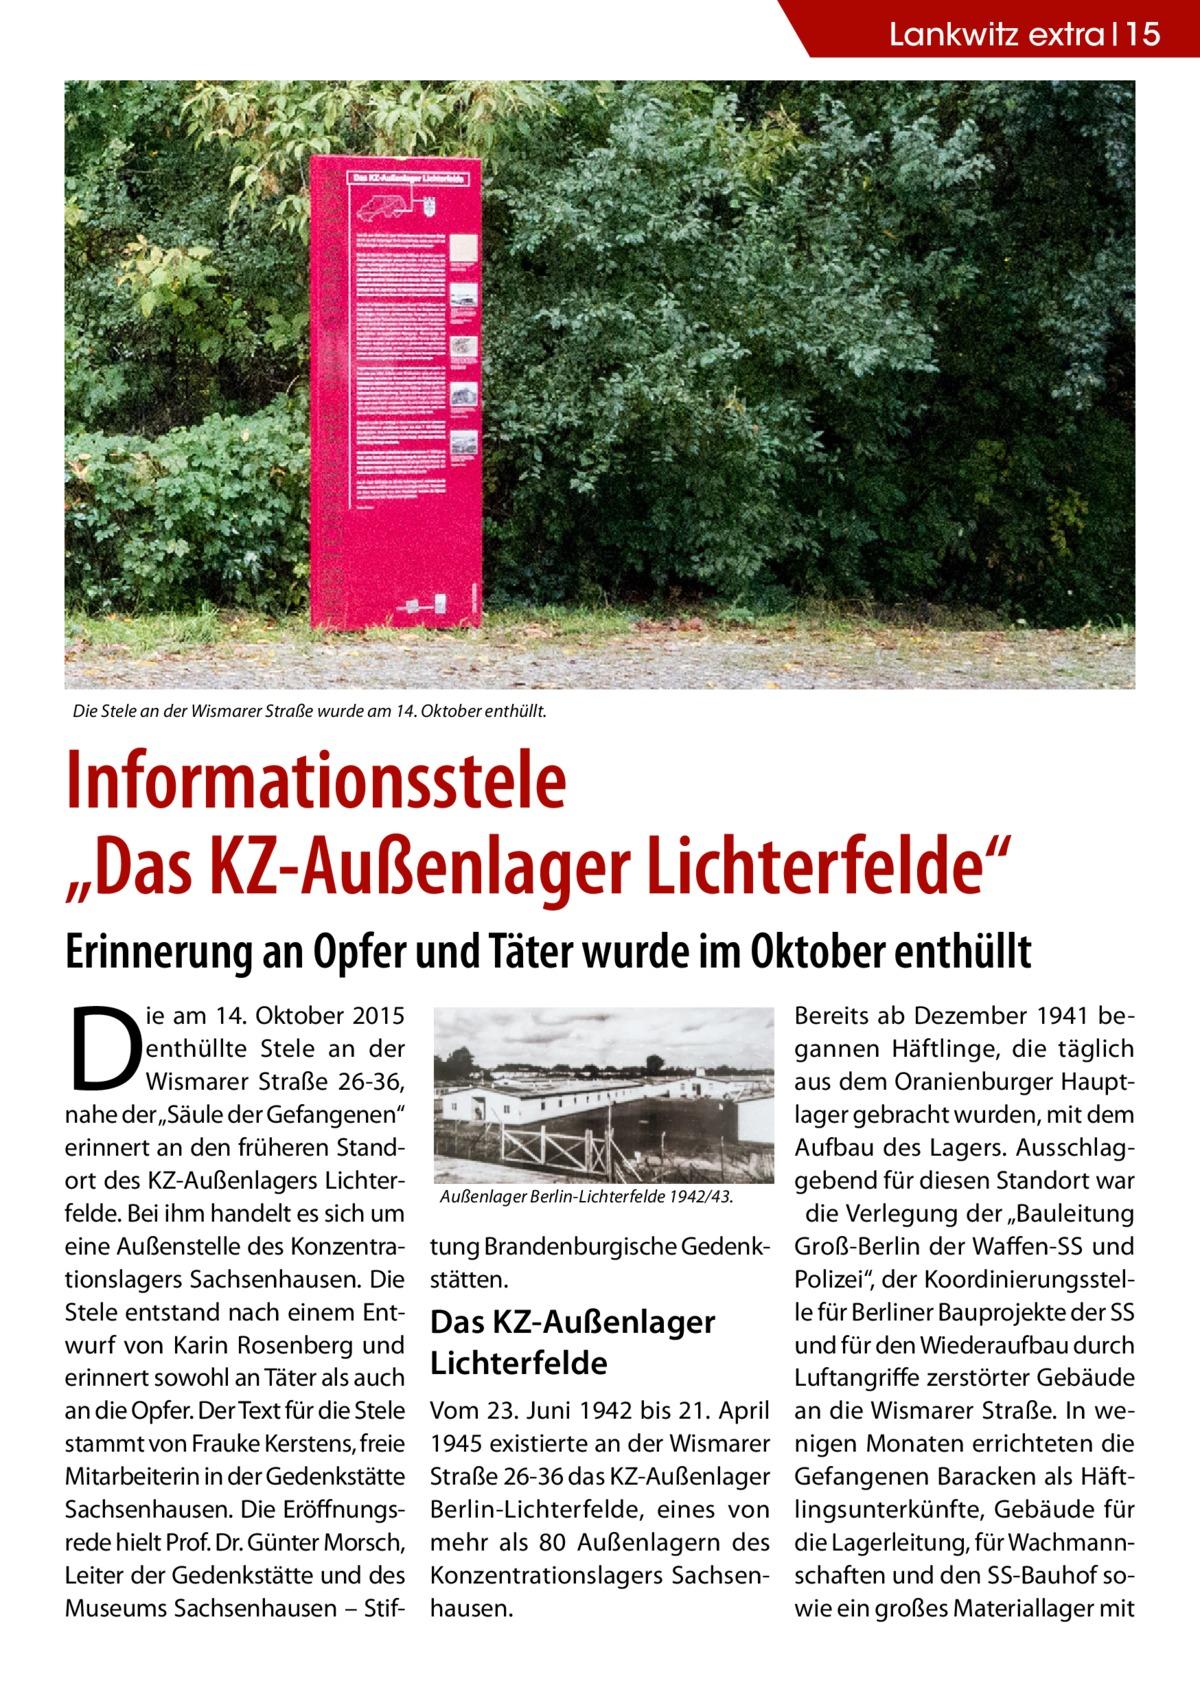 """Lankwitz extra 15  Die Stele an der Wismarer Straße wurde am 14.Oktober enthüllt.  Informationsstele """"Das KZ-Außenlager Lichterfelde"""" Erinnerung an Opfer und Täter wurde im Oktober enthüllt  D  ie am 14.Oktober 2015 enthüllte Stele an der Wismarer Straße 26-36, nahe der """"Säule der Gefangenen"""" erinnert an den früheren Standort des KZ-Außenlagers Lichterfelde. Bei ihm handelt es sich um eine Außenstelle des Konzentrationslagers Sachsenhausen. Die Stele entstand nach einem Entwurf von Karin Rosenberg und erinnert sowohl an Täter als auch an die Opfer. Der Text für die Stele stammt von Frauke Kerstens, freie Mitarbeiterin in der Gedenkstätte Sachsenhausen. Die Eröffnungsrede hielt Prof. Dr. Günter Morsch, Leiter der Gedenkstätte und des Museums Sachsenhausen – Stif Außenlager Berlin-Lichterfelde 1942/43.  tung Brandenburgische Gedenkstätten.  Das KZ-Außenlager Lichterfelde Vom 23.Juni 1942 bis 21.April 1945 existierte an der Wismarer Straße26-36 das KZ-Außenlager Berlin-Lichterfelde, eines von mehr als 80 Außenlagern des Konzentrationslagers Sachsenhausen.  Bereits ab Dezember 1941 begannen Häftlinge, die täglich aus dem Oranienburger Hauptlager gebracht wurden, mit dem Aufbau des Lagers. Ausschlaggebend für diesen Standort war die Verlegung der """"Bauleitung Groß-Berlin der Waffen-SS und Polizei"""", der Koordinierungsstelle für Berliner Bauprojekte der SS und für den Wiederaufbau durch Luftangriffe zerstörter Gebäude an die Wismarer Straße. In wenigen Monaten errichteten die Gefangenen Baracken als Häftlingsunterkünfte, Gebäude für die Lagerleitung, für Wachmannschaften und den SS-Bauhof sowie ein großes Materiallager mit"""